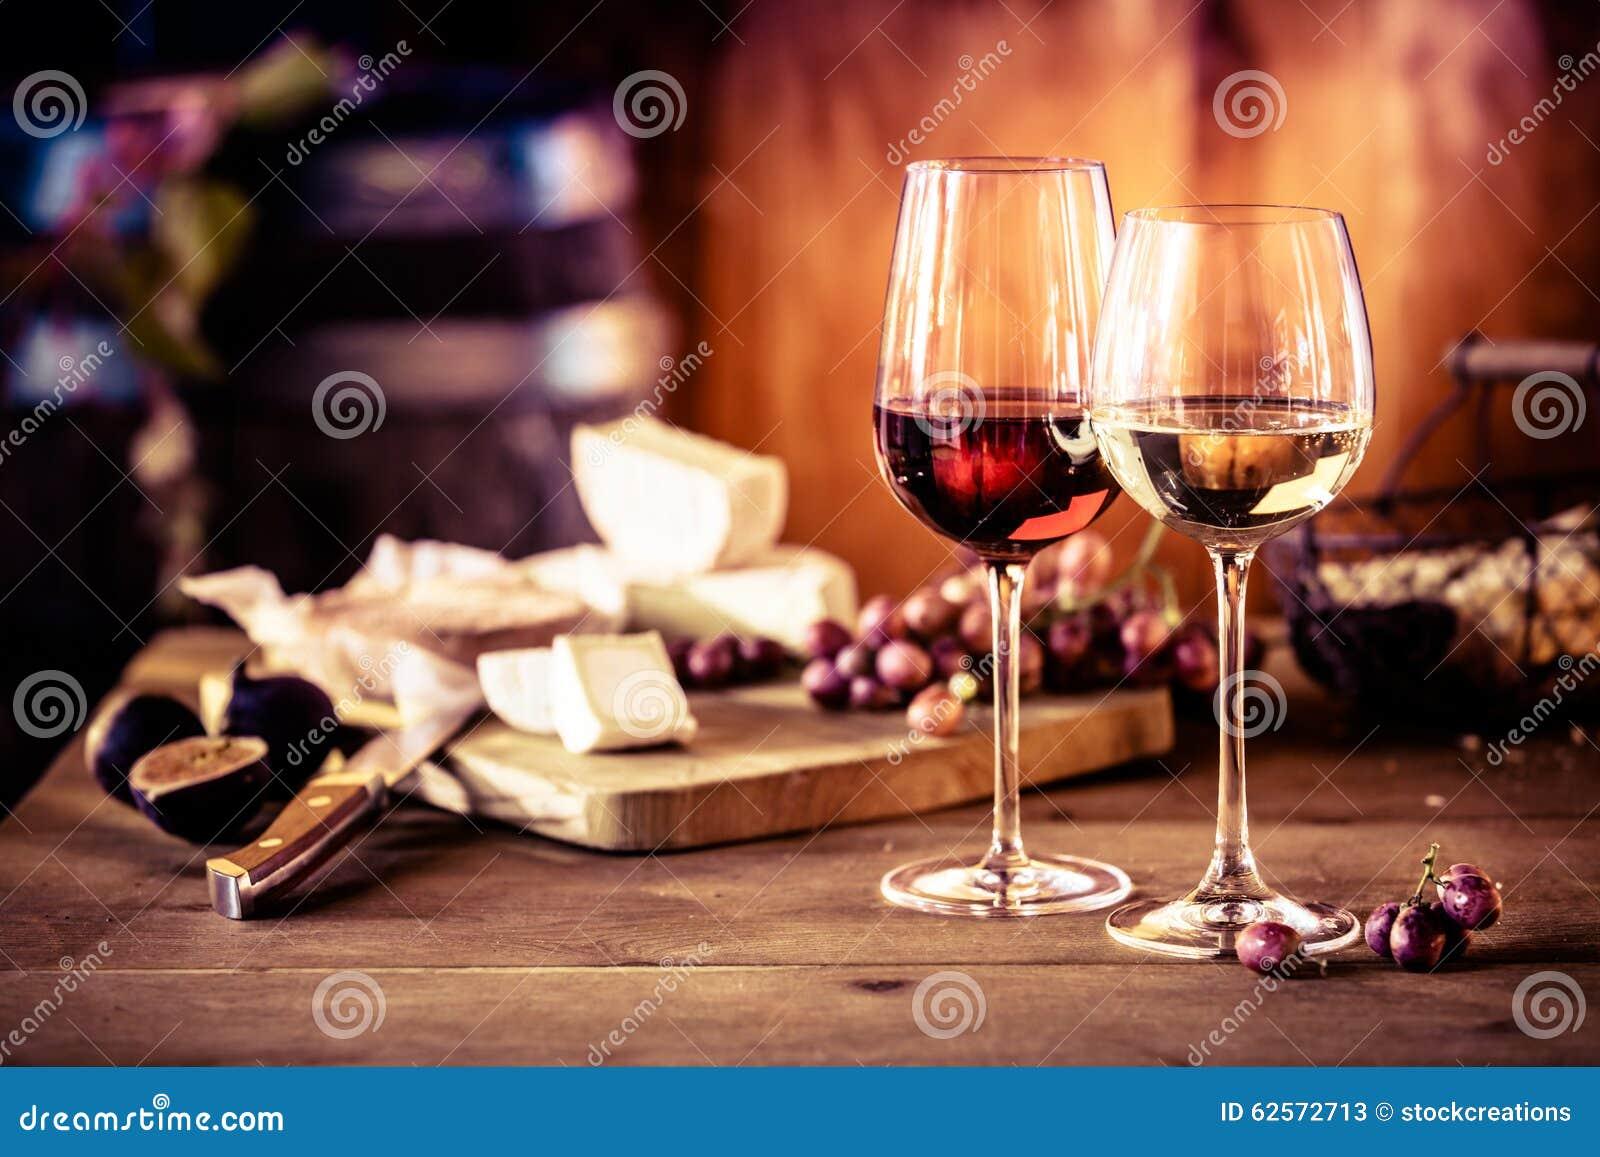 Блюдо сыров с вином перед огнем